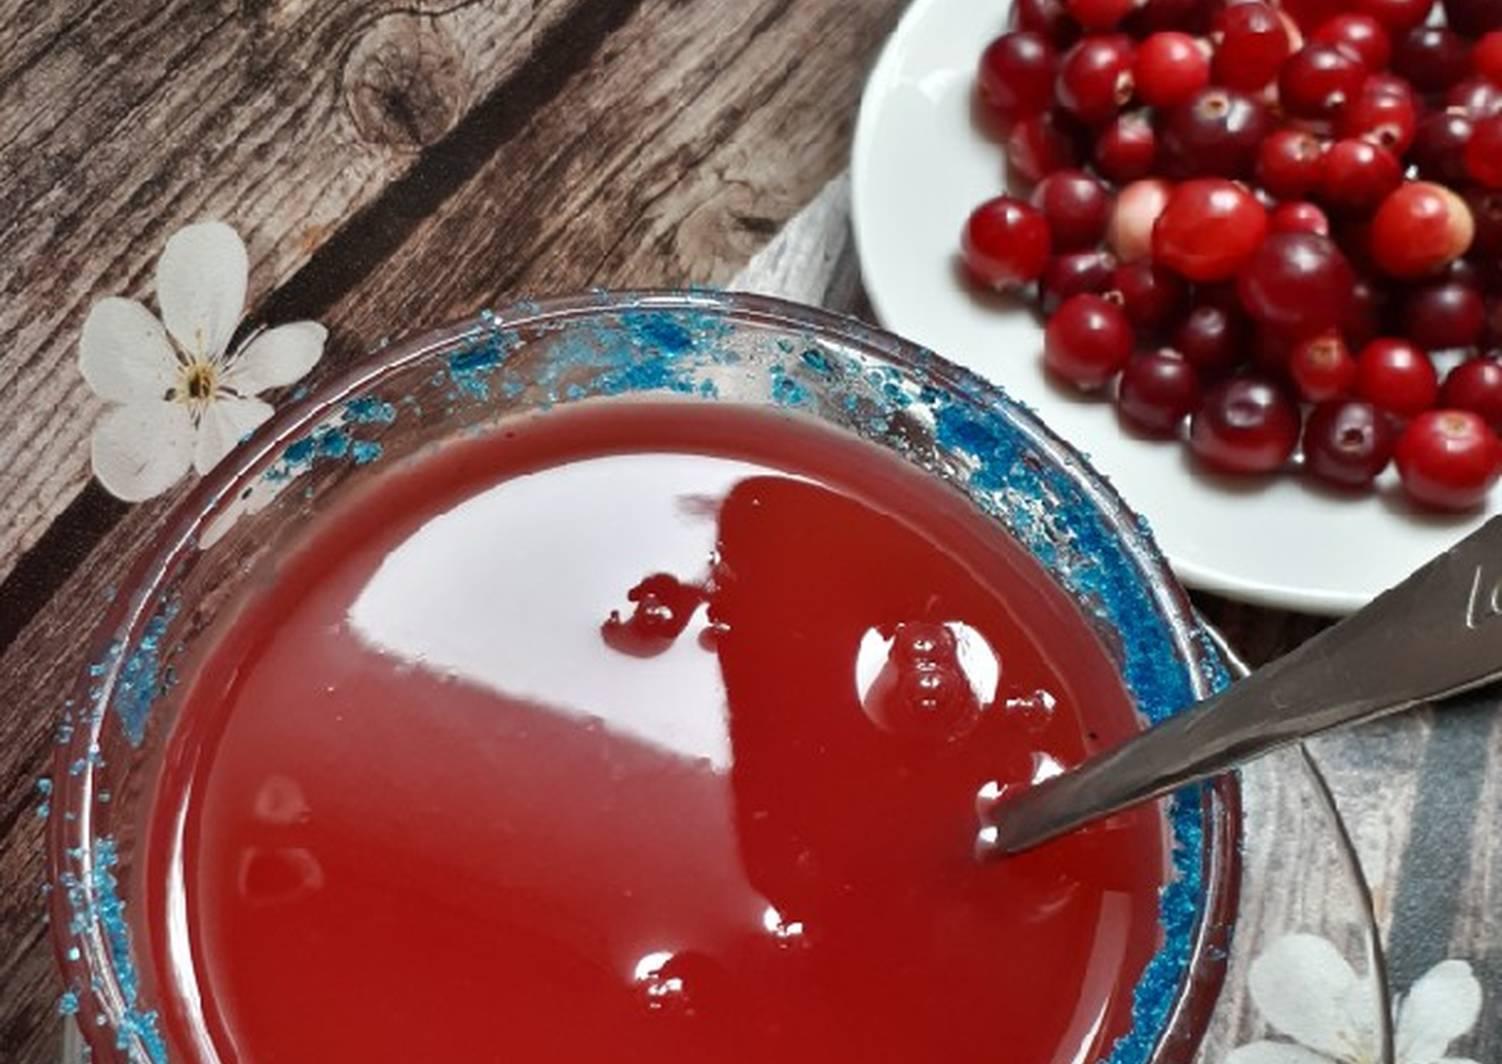 Кисель из клюквы - простые и быстрые рецепты приготовления напитка